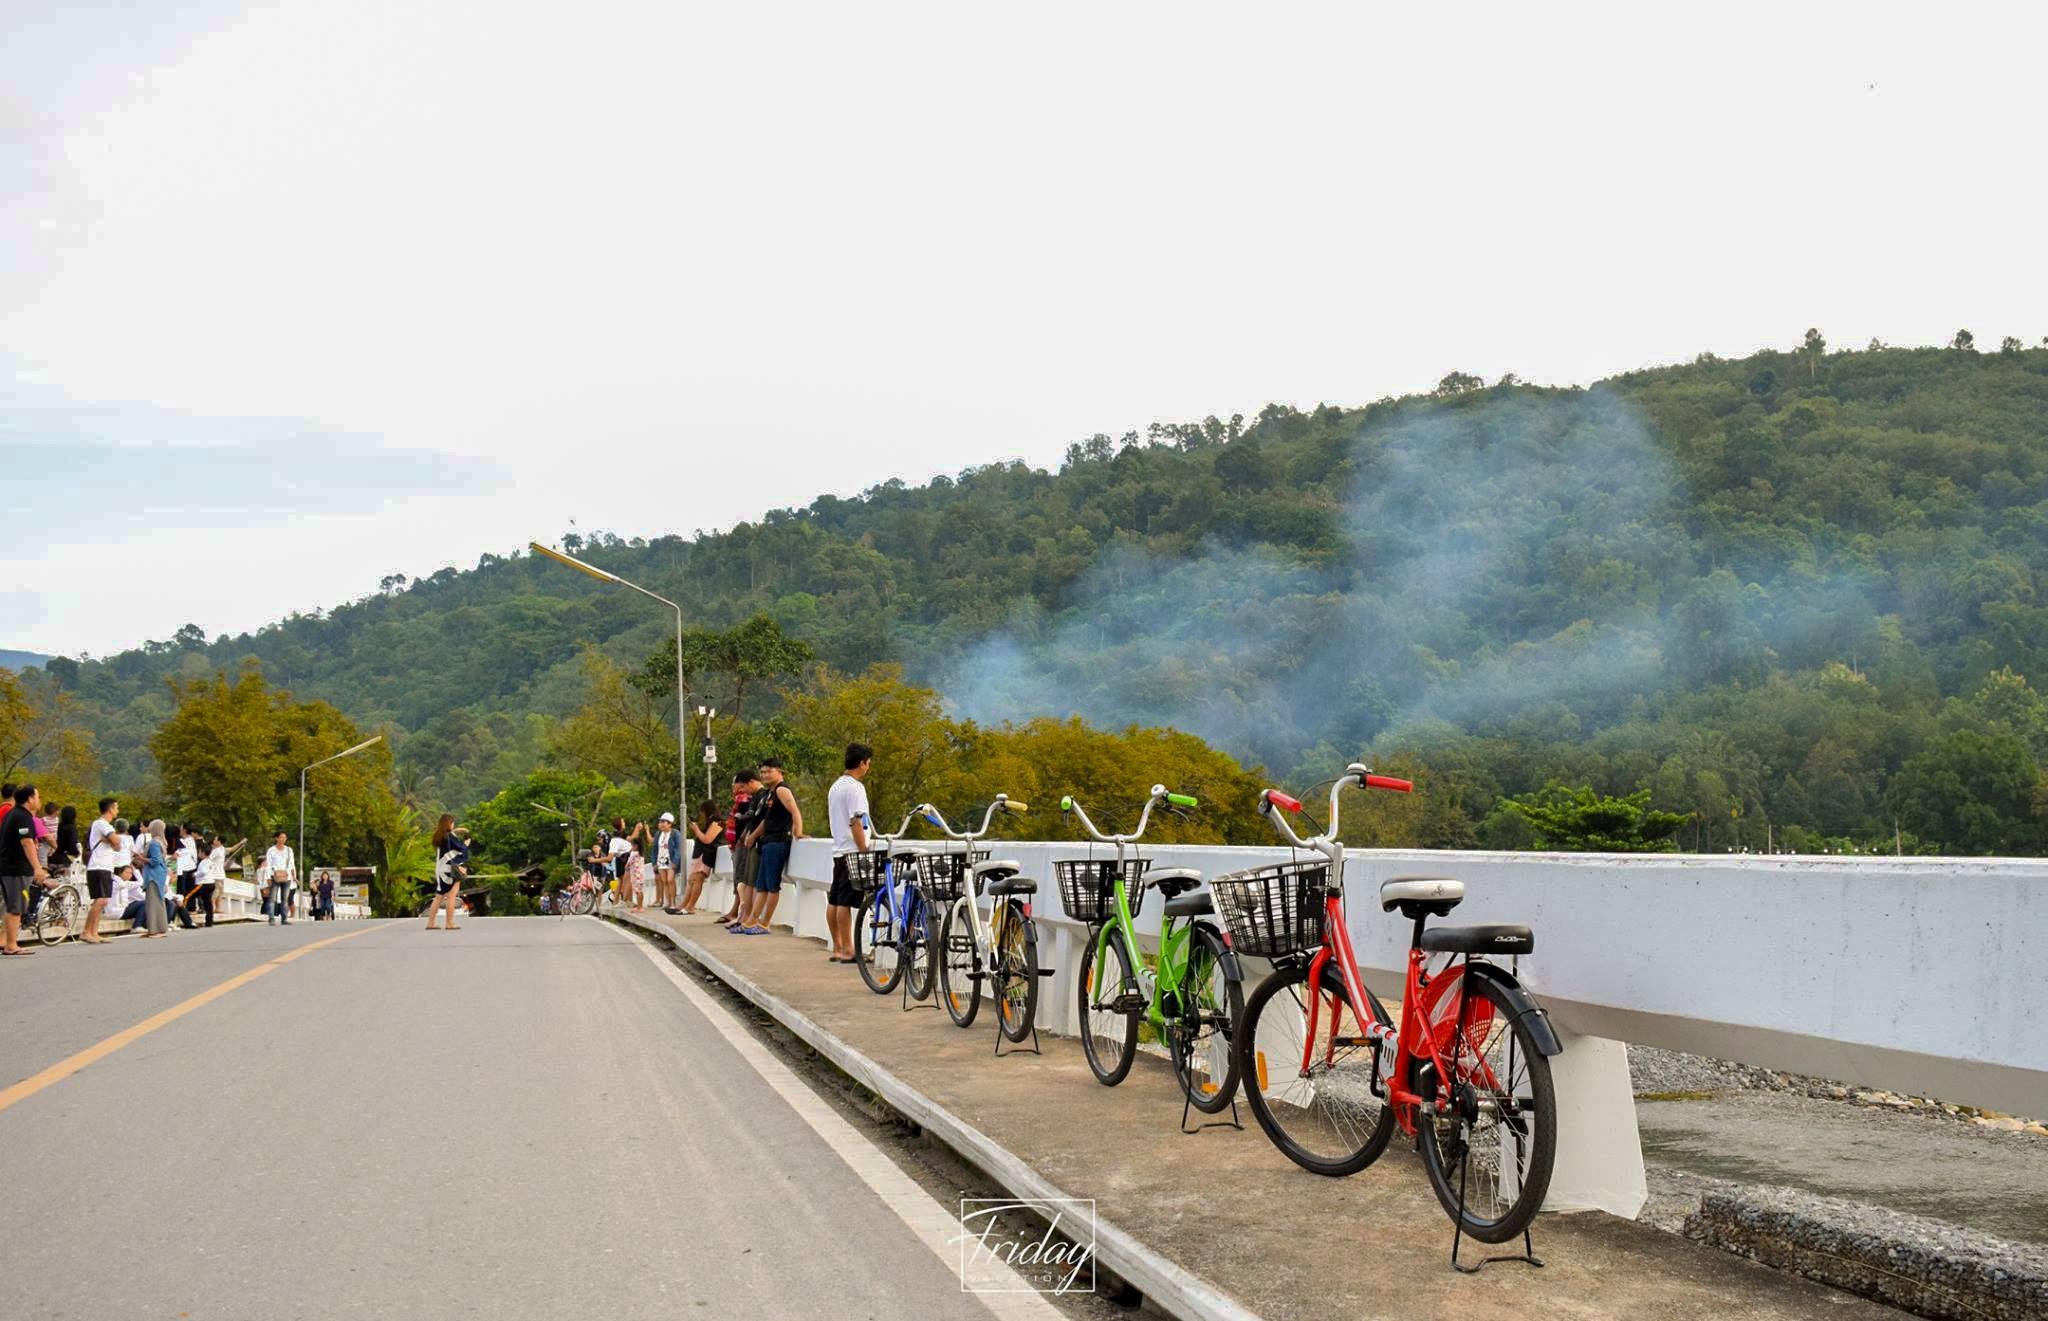 5.-คีรีวง-หมู่บ้านอากาศดีที่สุดในประเทศไทย แหล่งนี้คือจุดยอดฮิตสุดๆครับ-ดูจากในรูปต้องรอคิวกันถ่ายเลยนะเออ รีวิวตัวเต็ม-คลิกที่นี่ นครศรีธรรมราช,จุดถ่ายรูป,จุดเช็คอิน,ทะเล,ภูเขา,ป่า,น้ำตก,ลำธาร,คาเฟ่,ร้านอาหาร,จุดถ่ายรูป